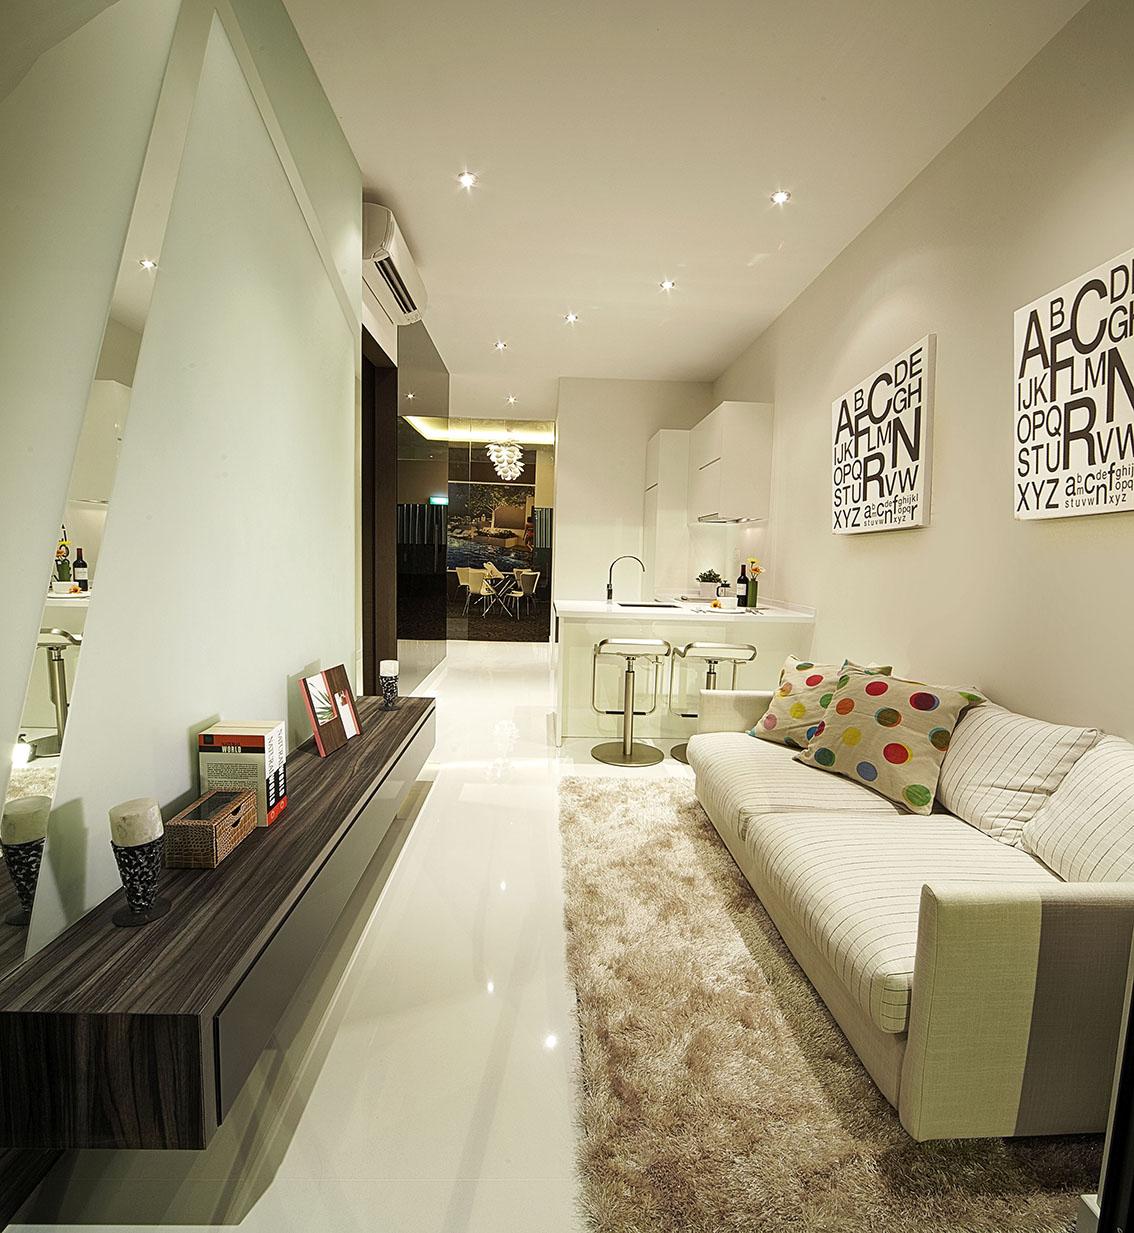 EDEN SUITES, Luxespace SG